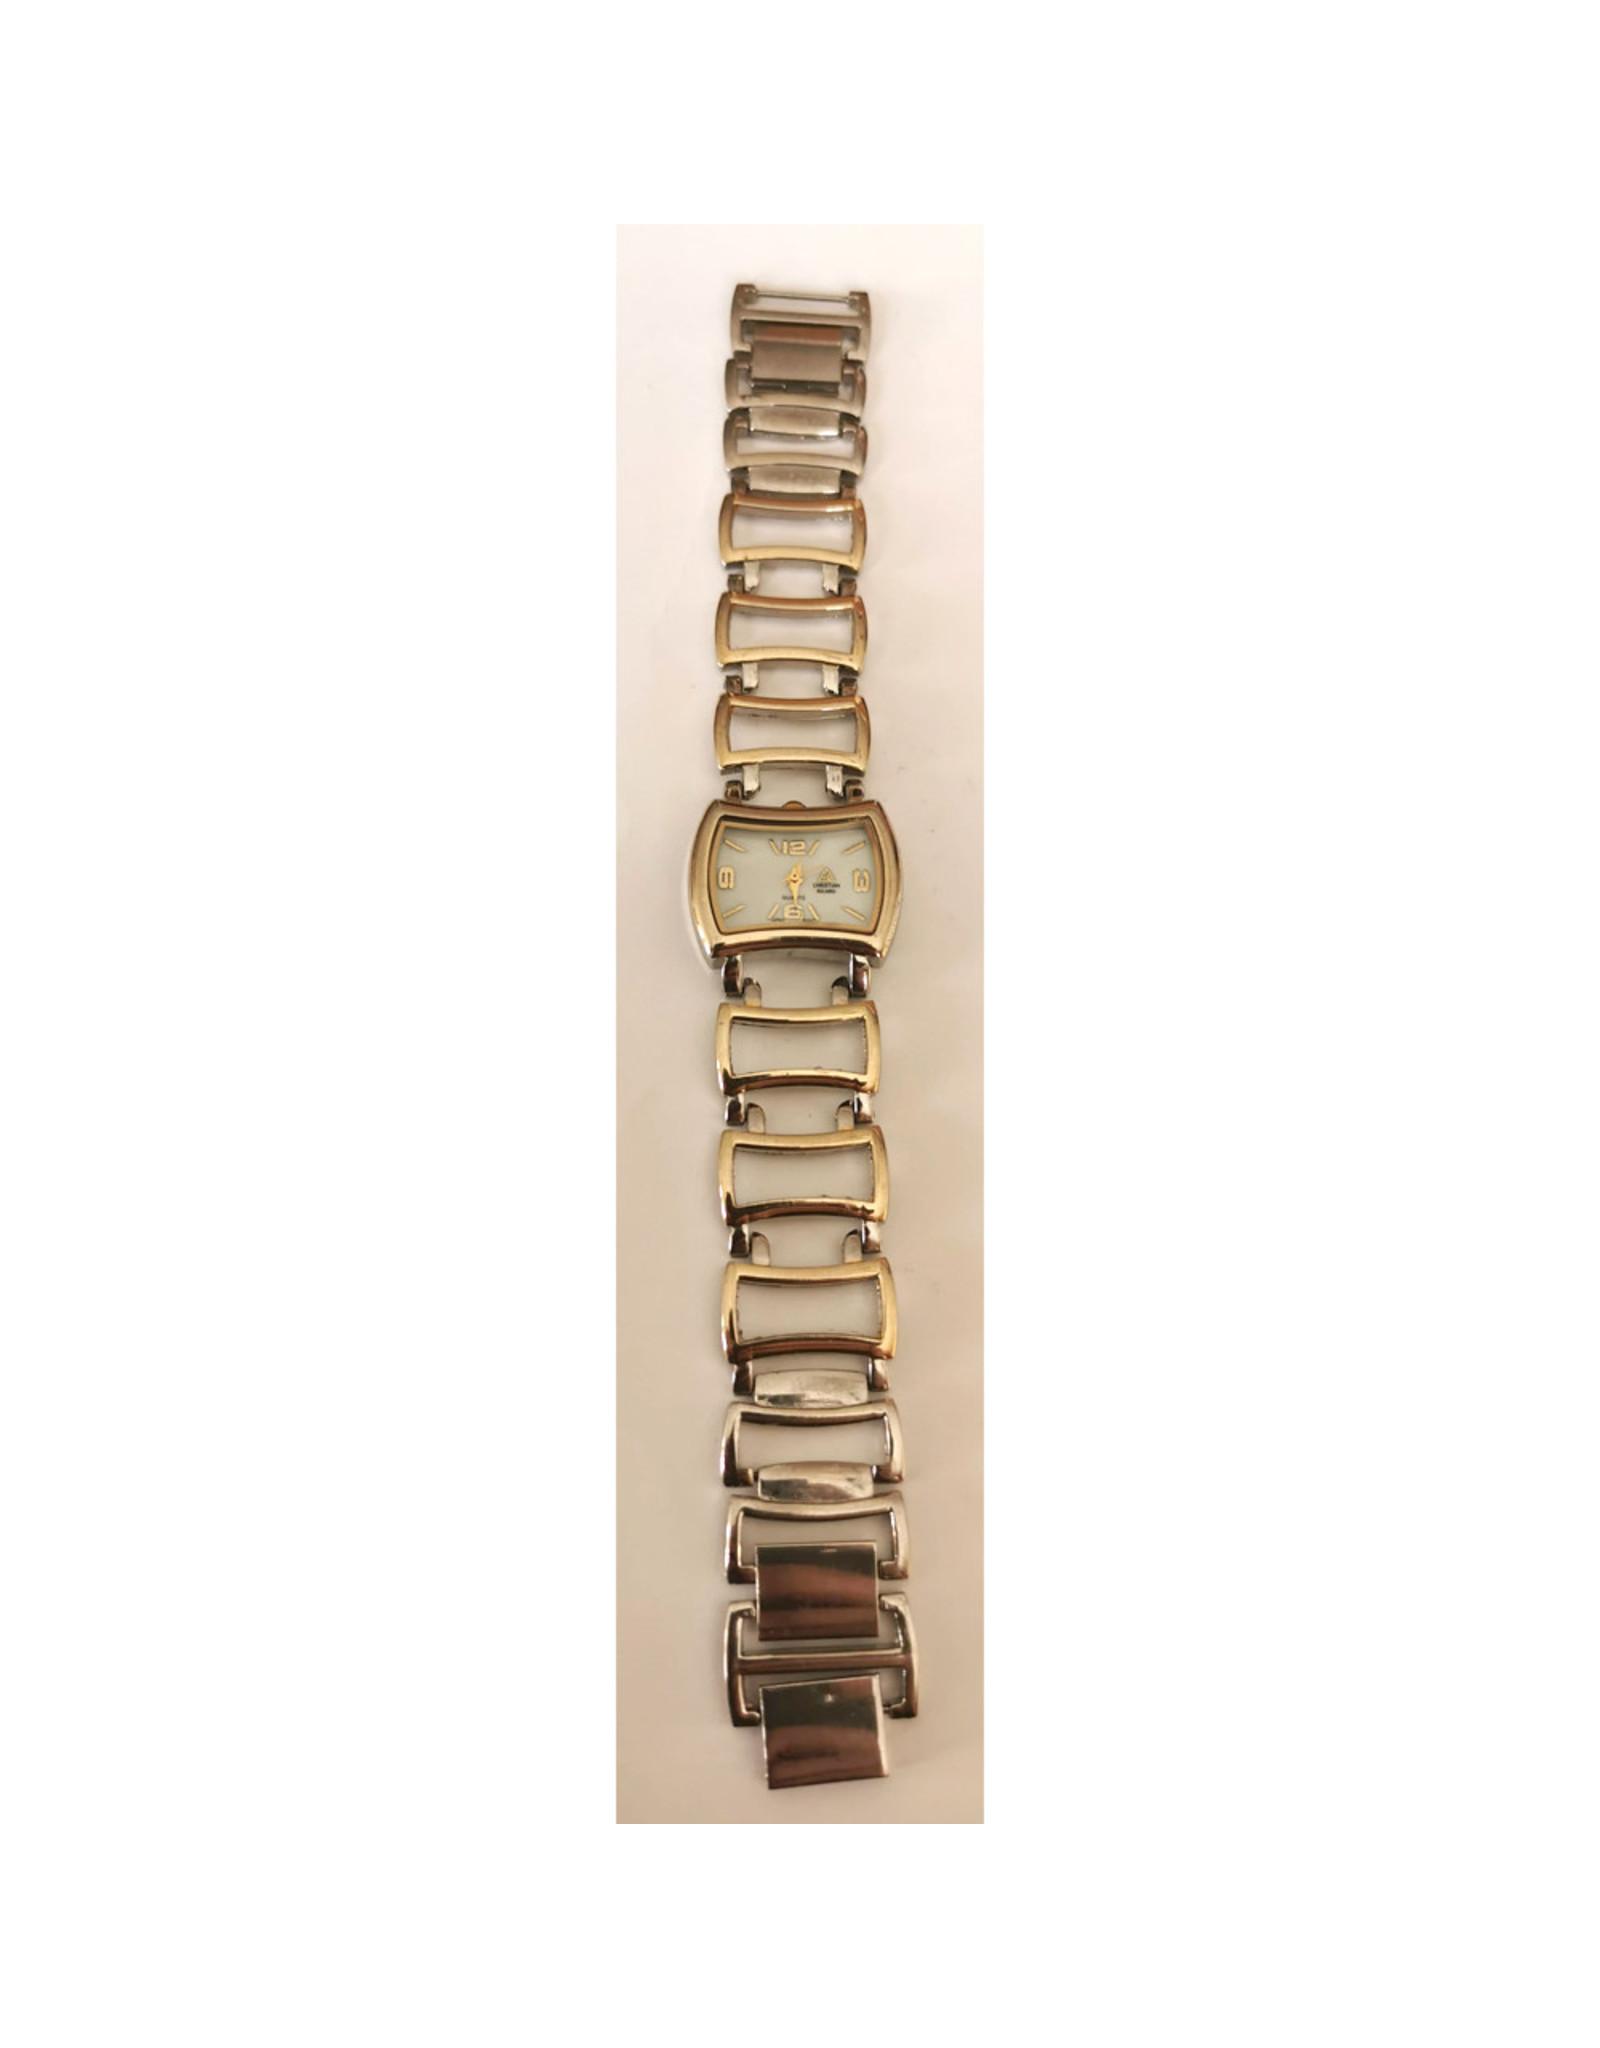 Christian Ricard Rectangle 2 tons courbée